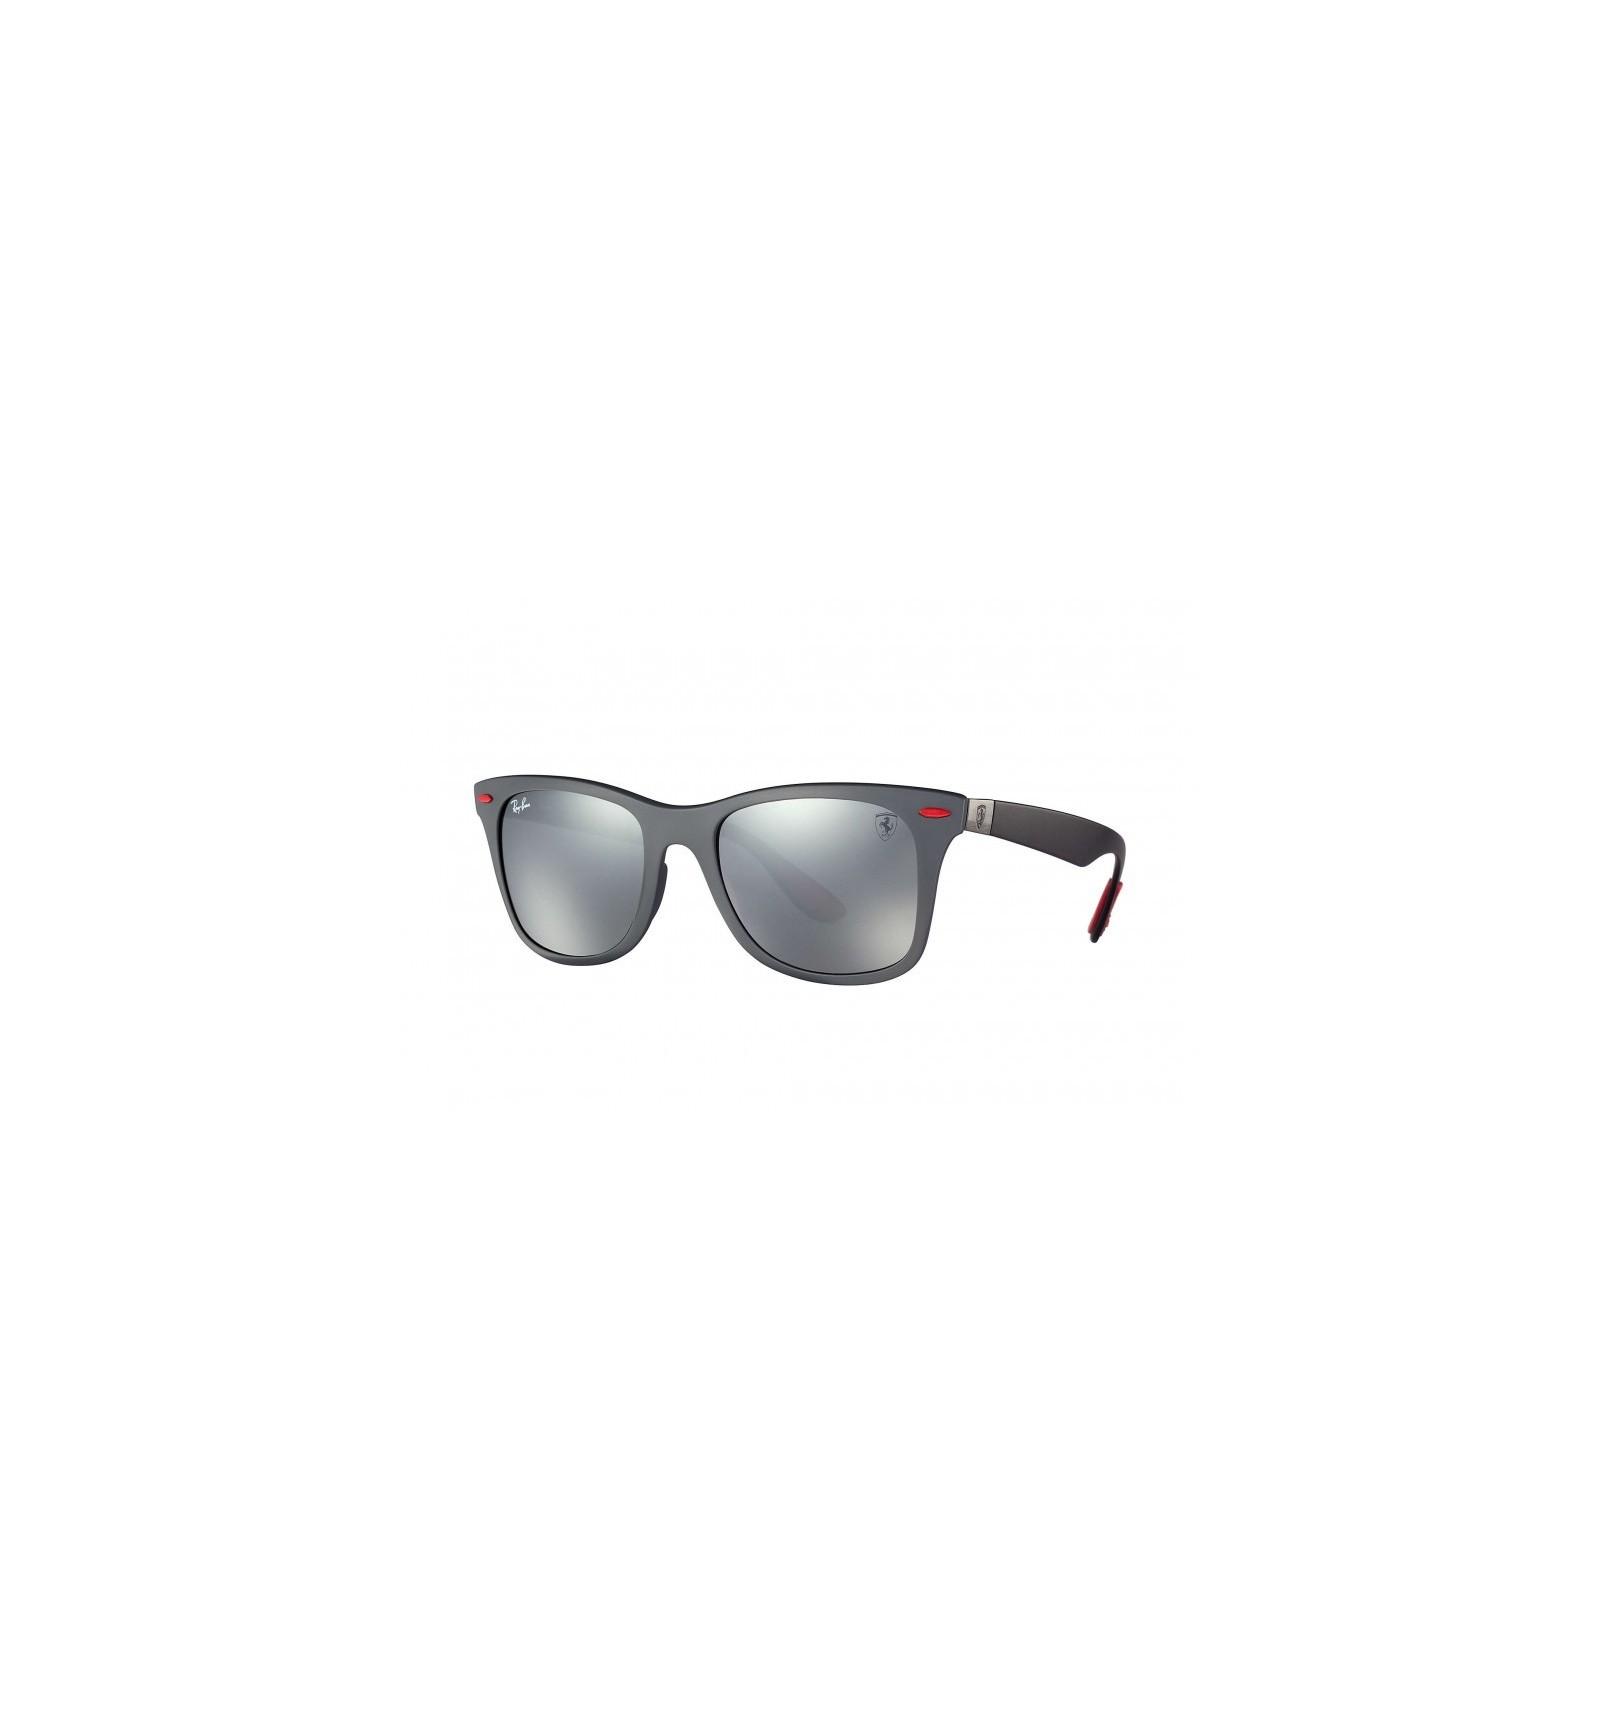 53a5fe66d0 Gafas de sol ray ban ferrari gris negro gris espejada jpg 1600x1710 Lentes  ferrari ray ban